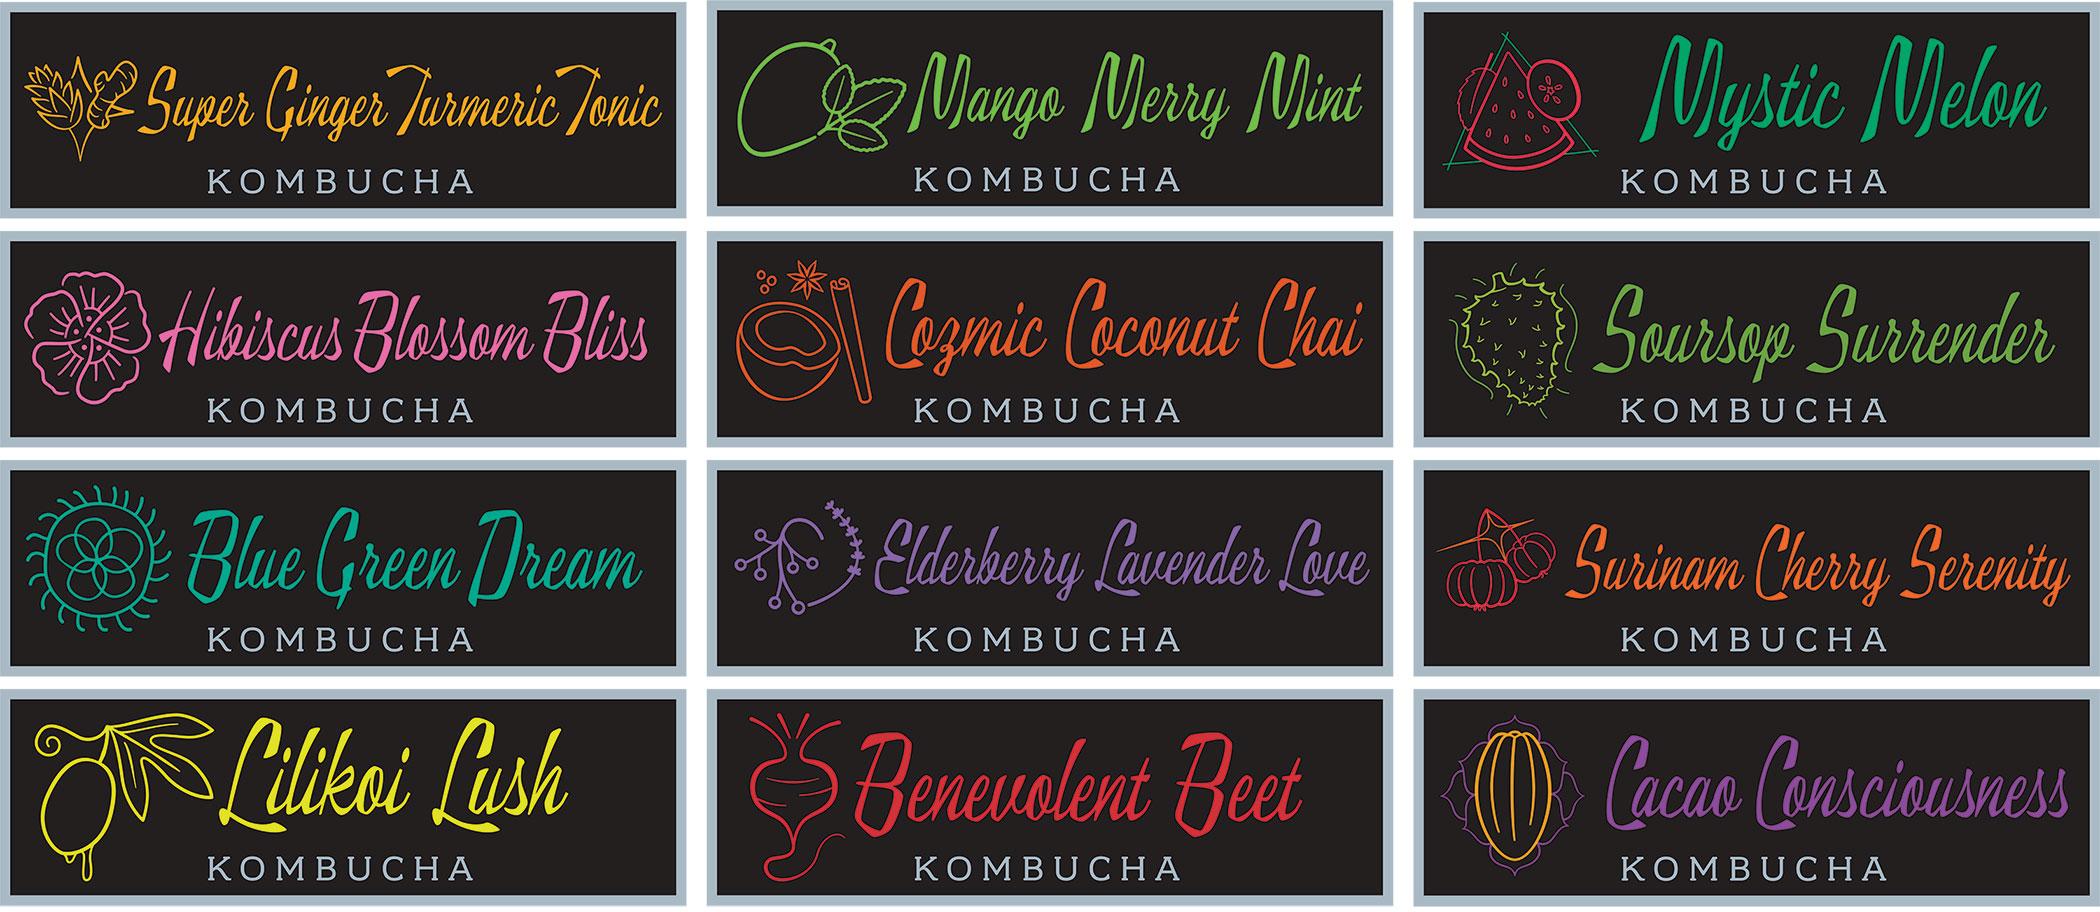 BIB.flavor.branding.jpg